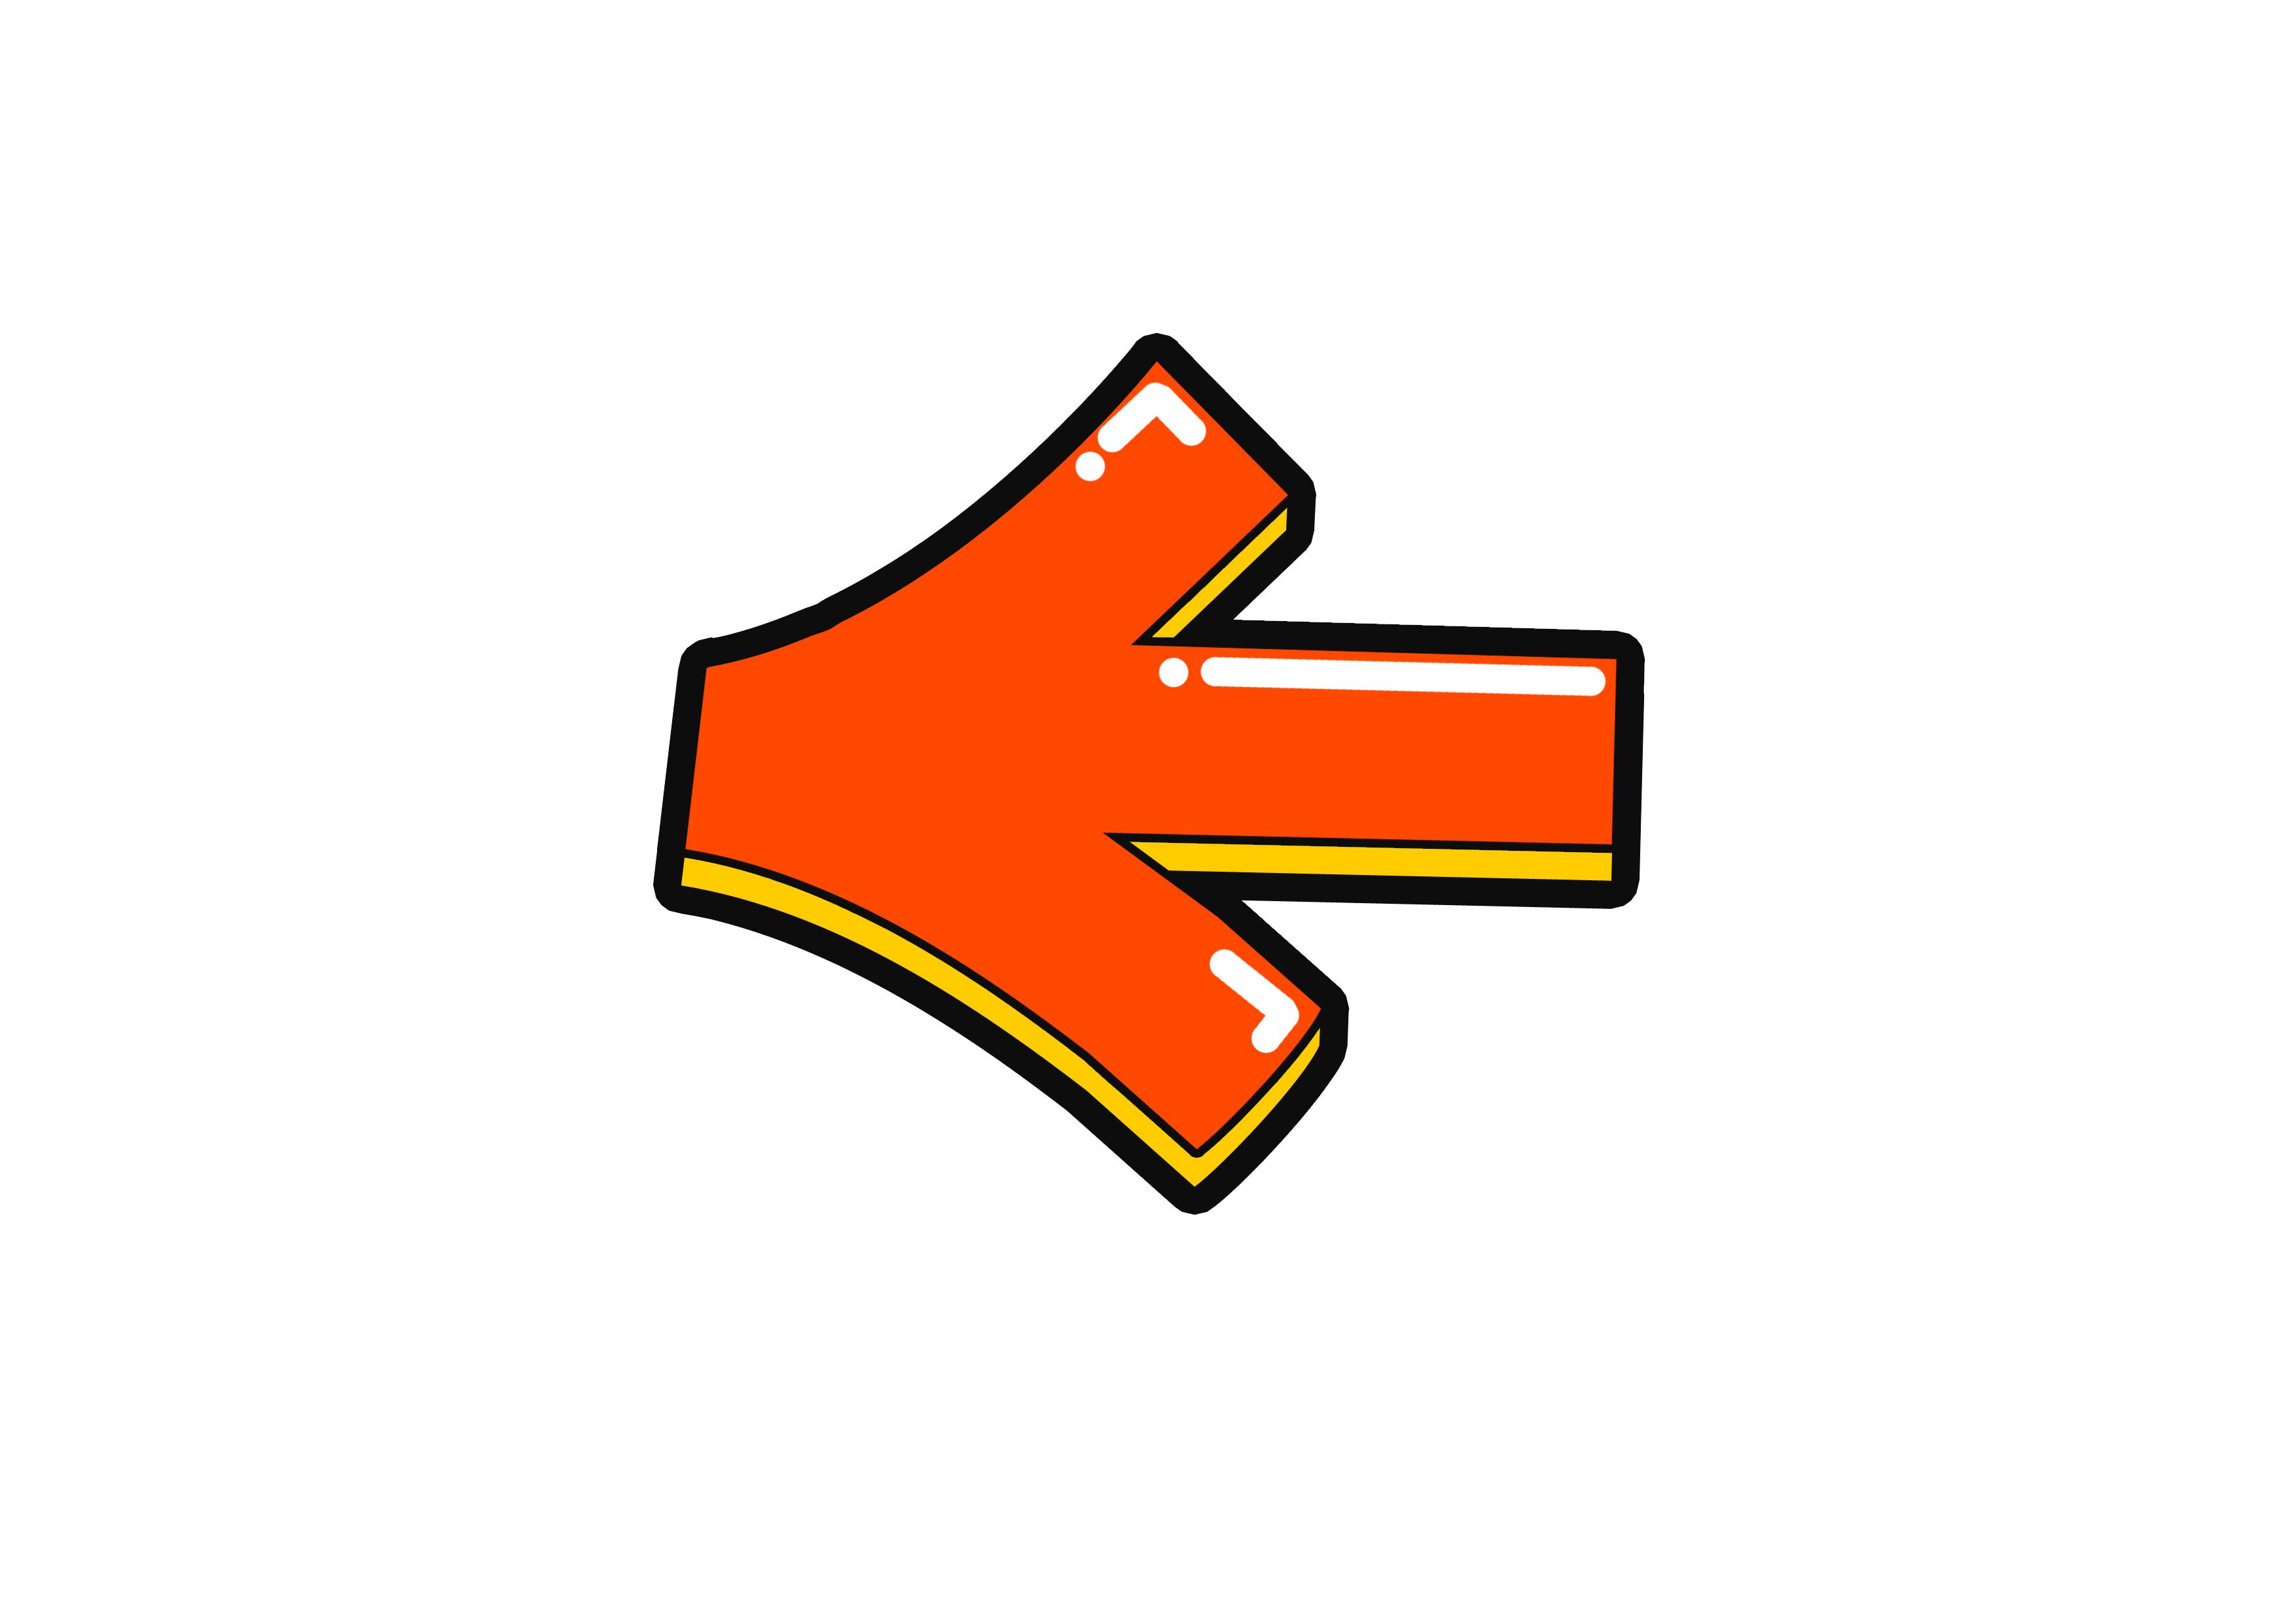 화살표(기호,방향,왼쪽)